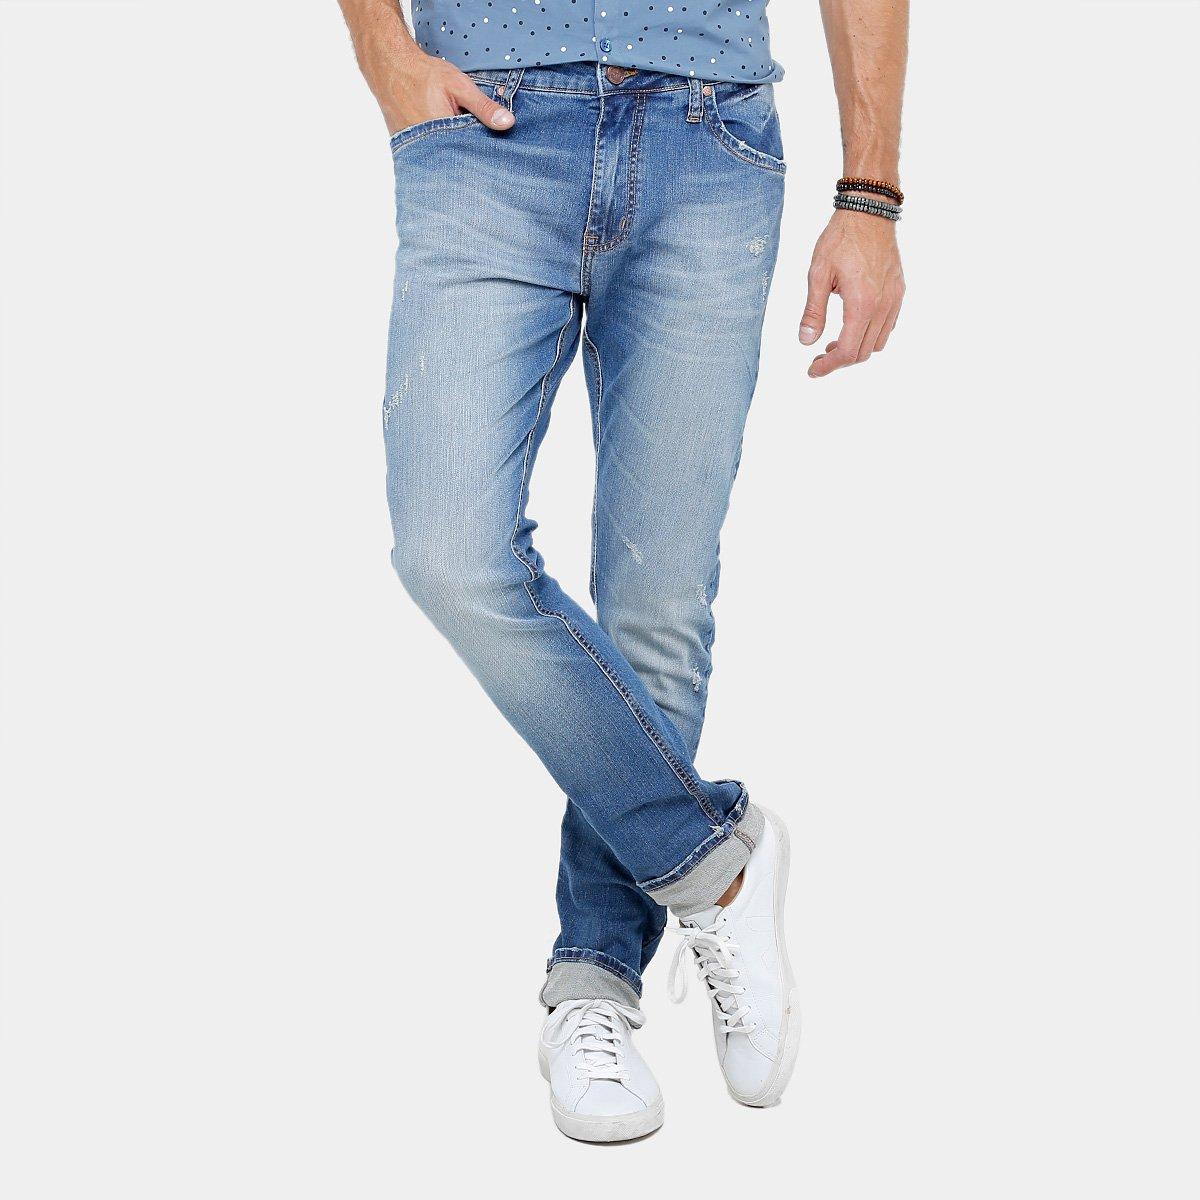 378a4faa1 Calça Jeans Reta Colcci Rodrigo Índigo Masculina   Livelo -Sua Vida ...